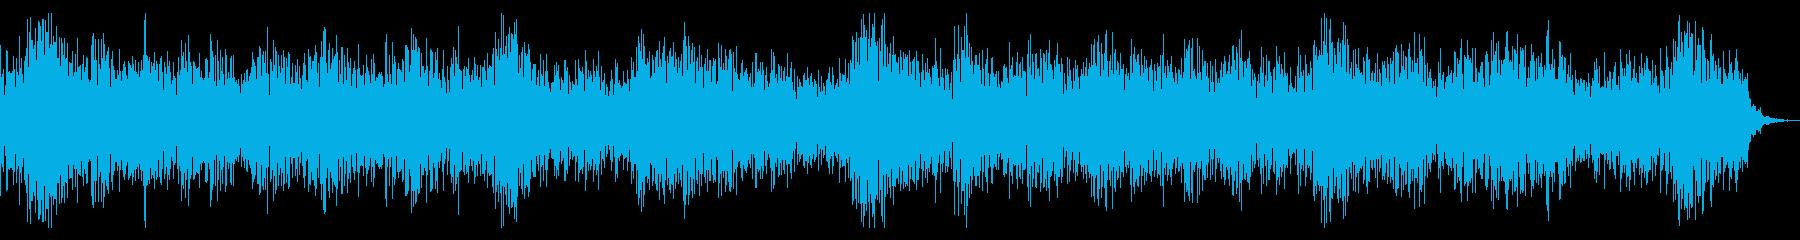 幻想的感動系BGM,動画用の再生済みの波形